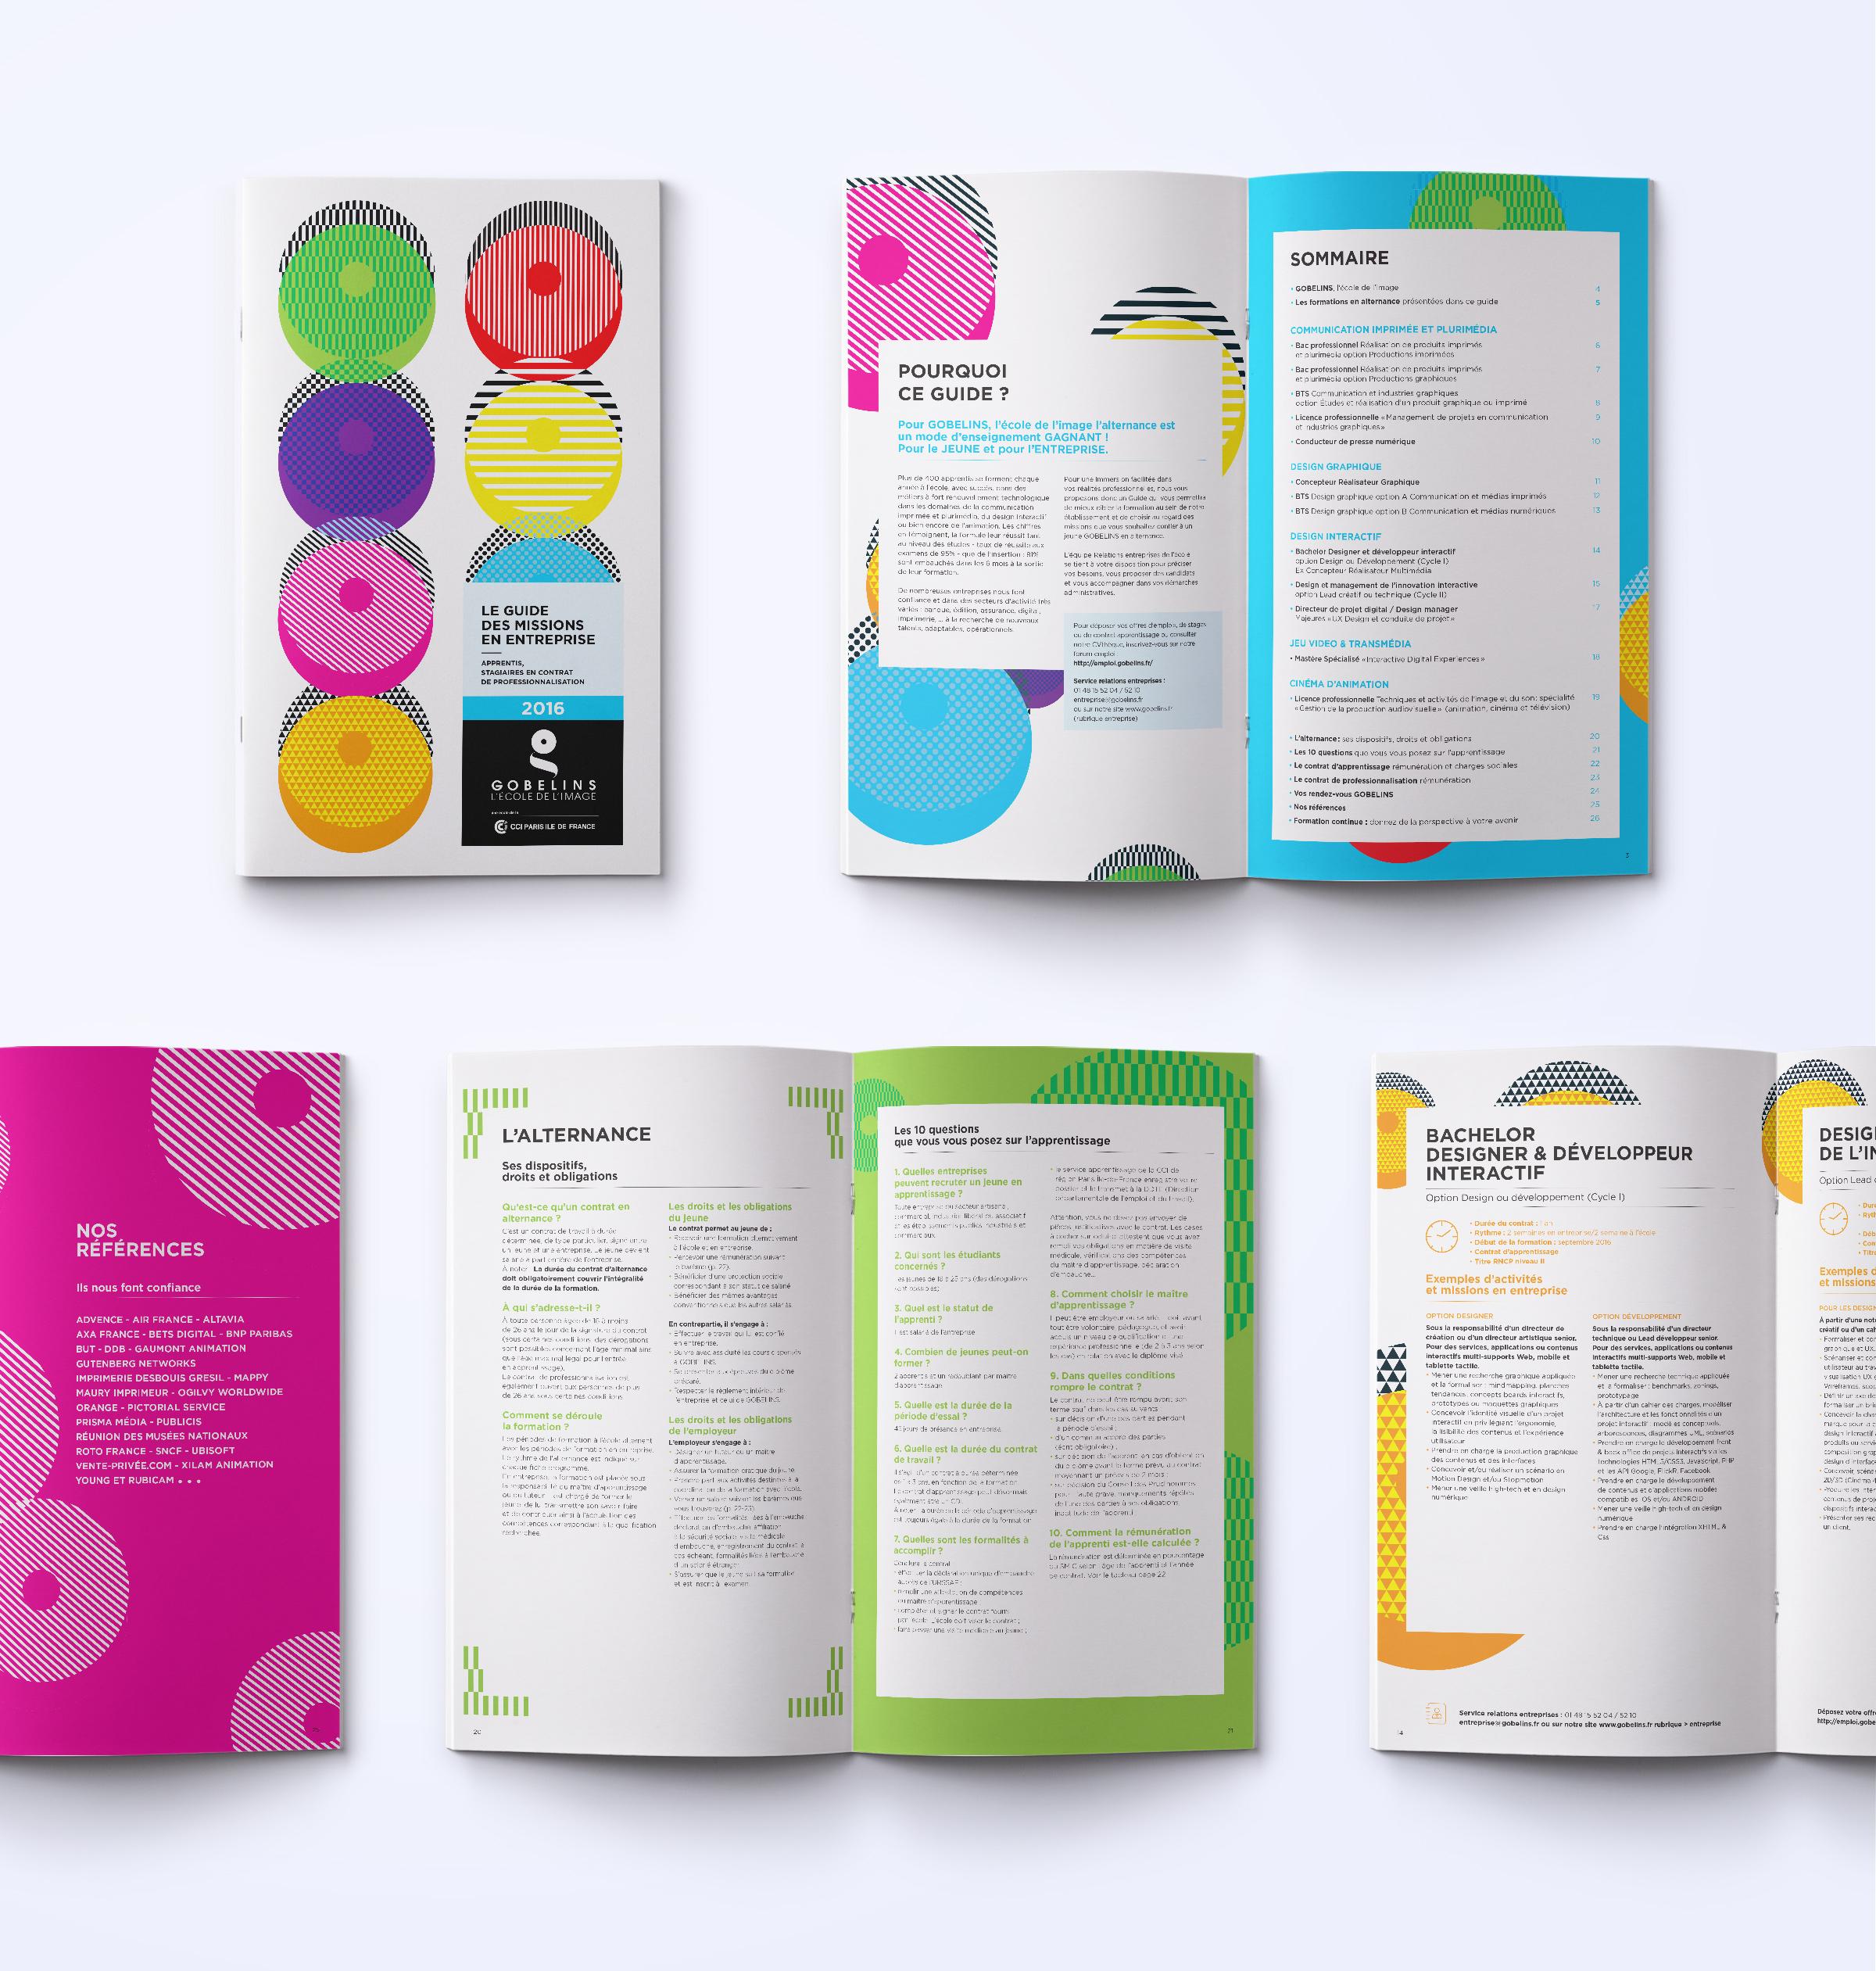 Réalisation d'une brochure (couverture et intérieur) pour Les Gobelins